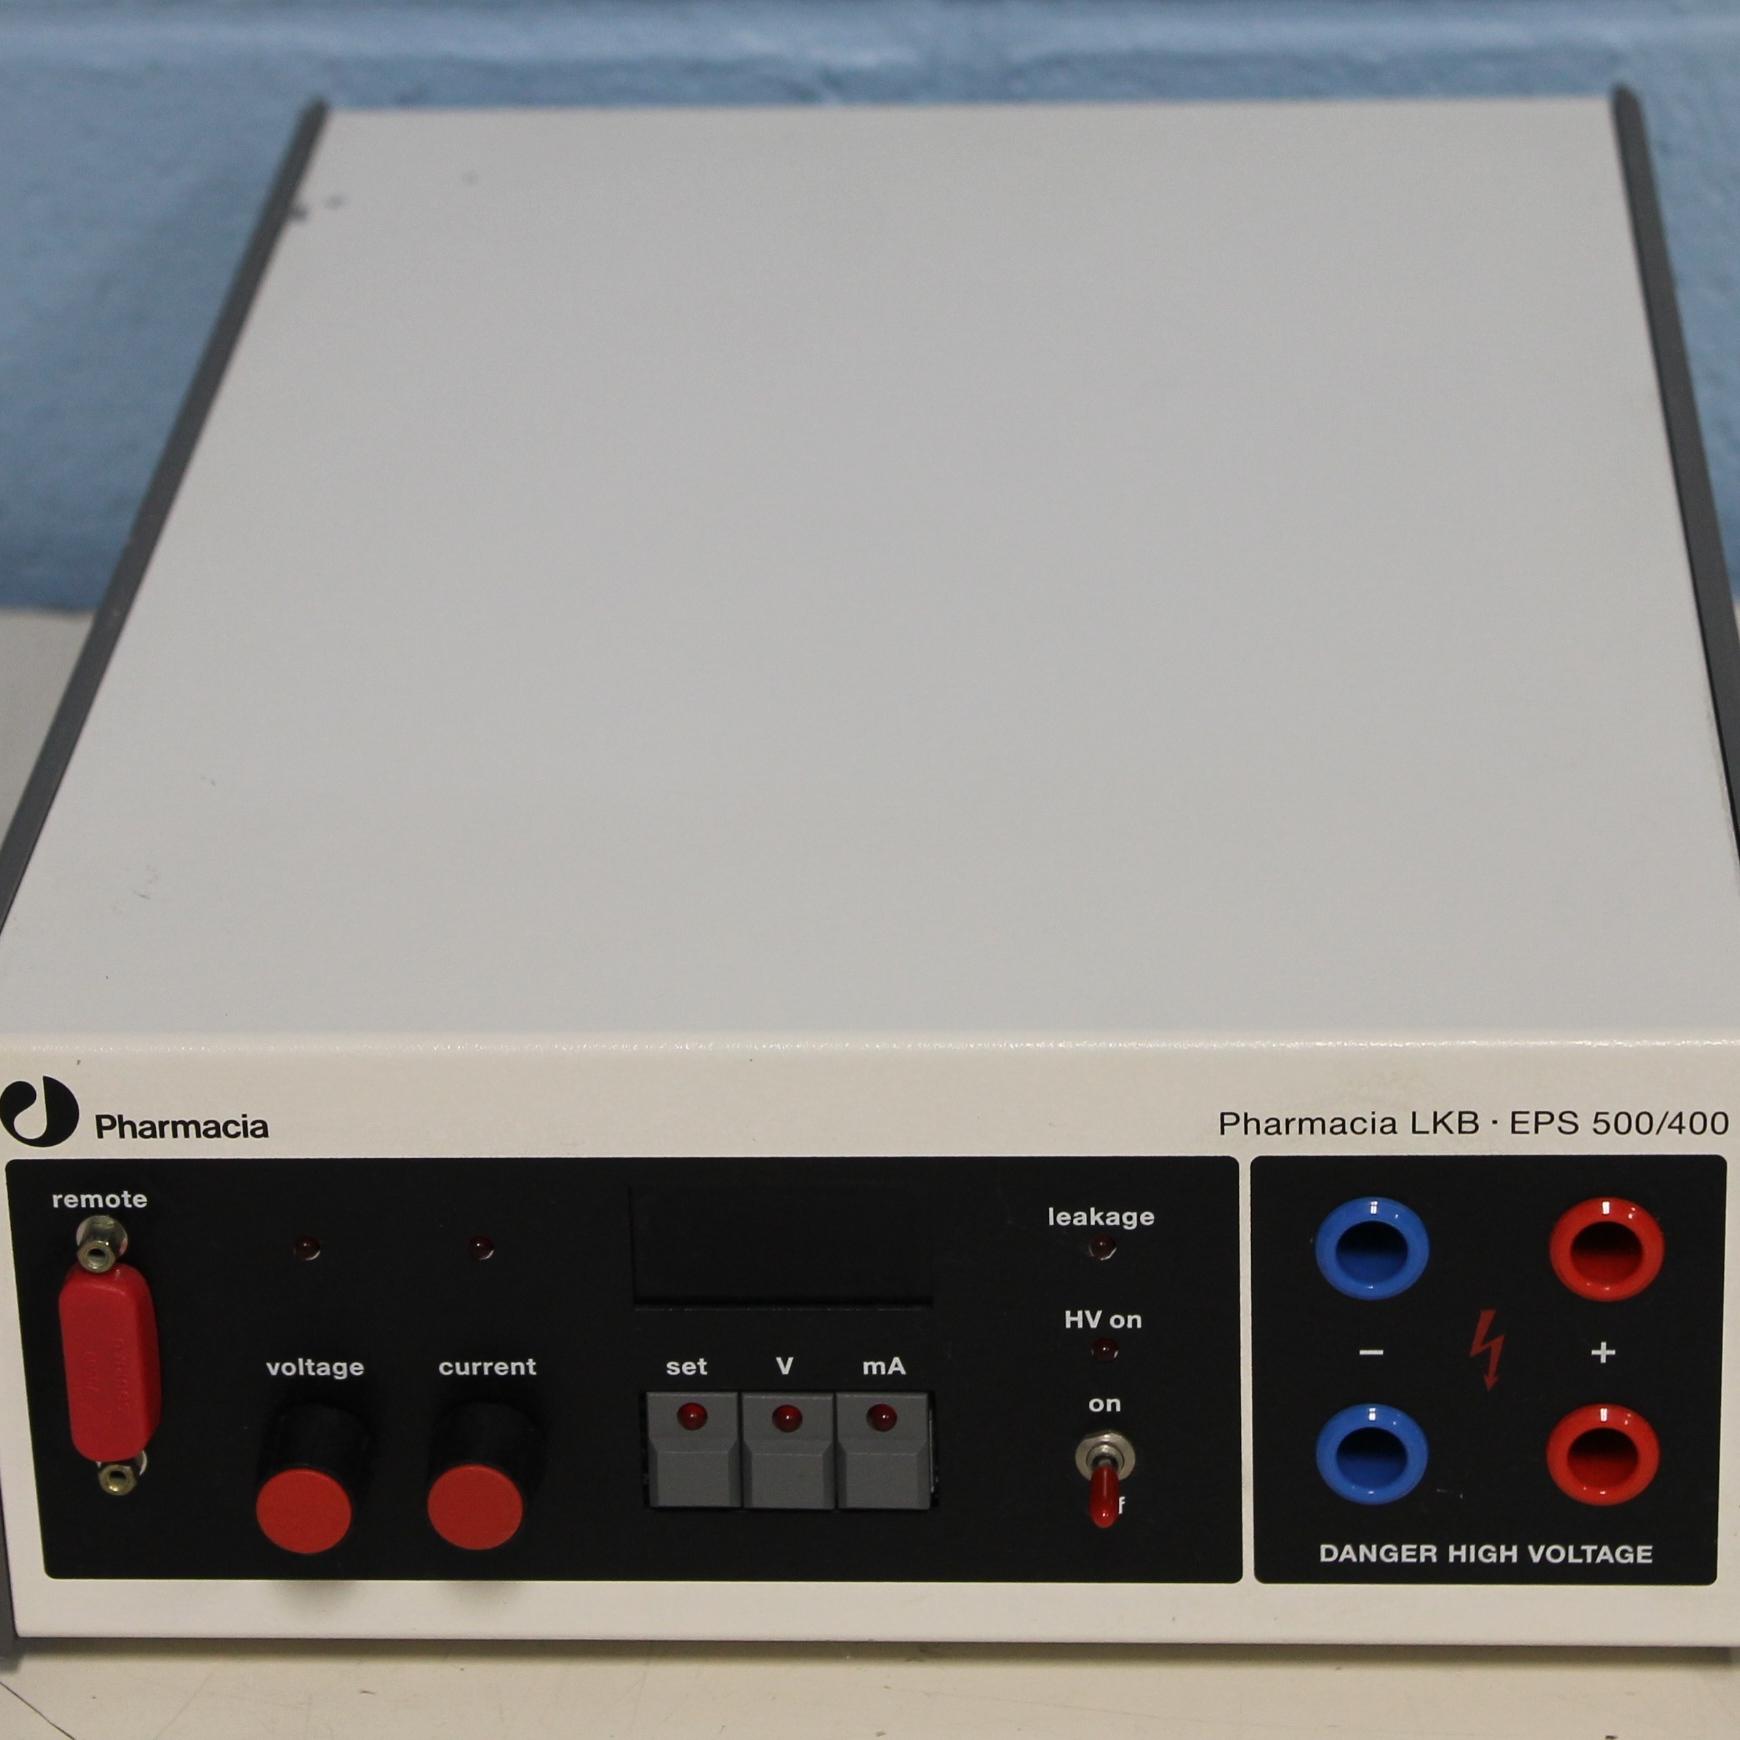 LKB-EPS 500/400 Name